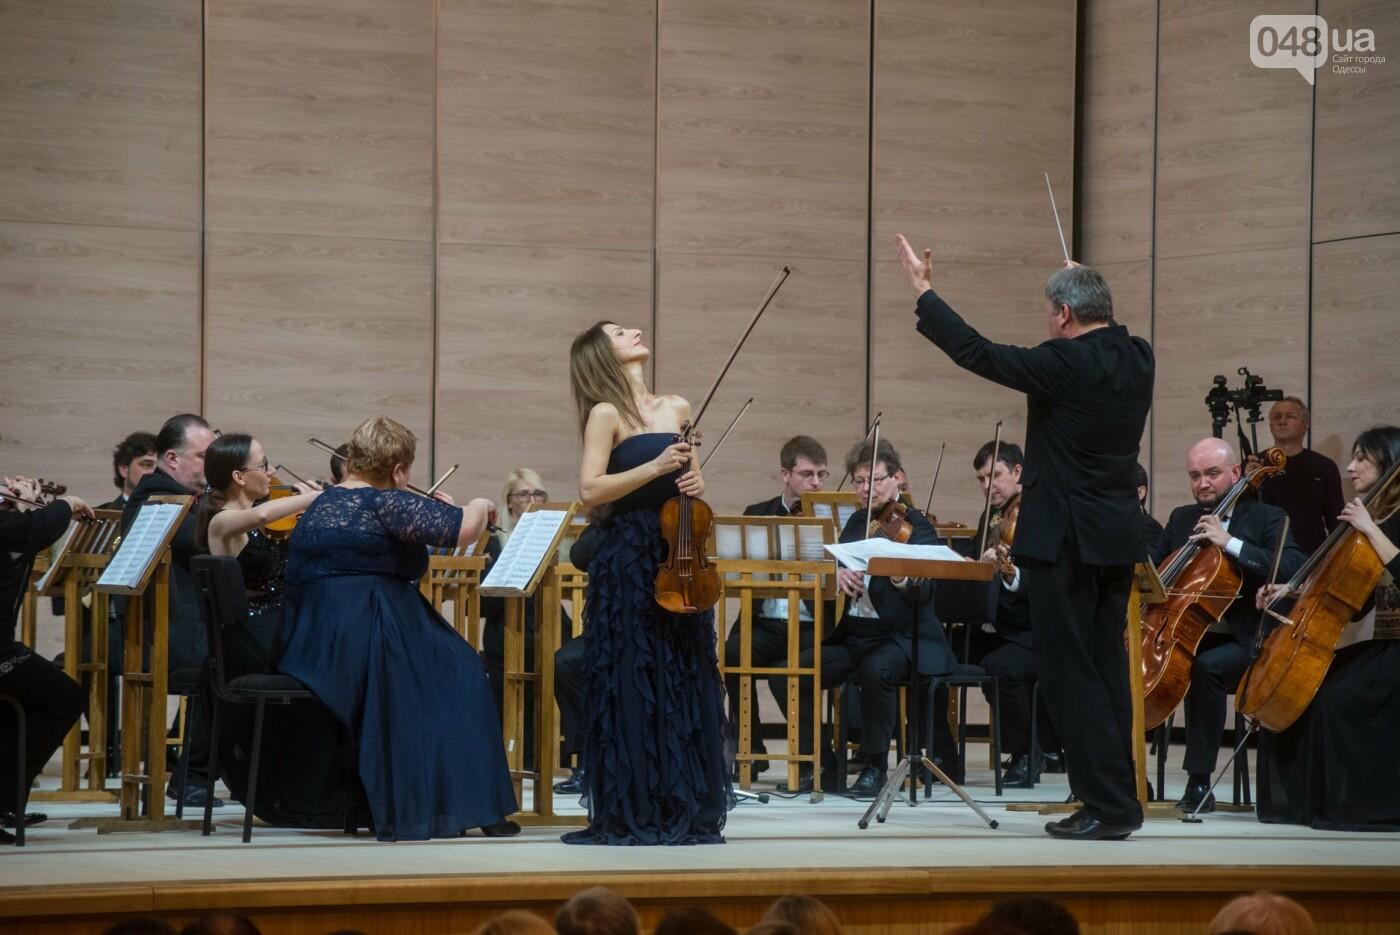 Как в Украине отметят 250-летний юбилей Людвига ван Бетховена, фото-4